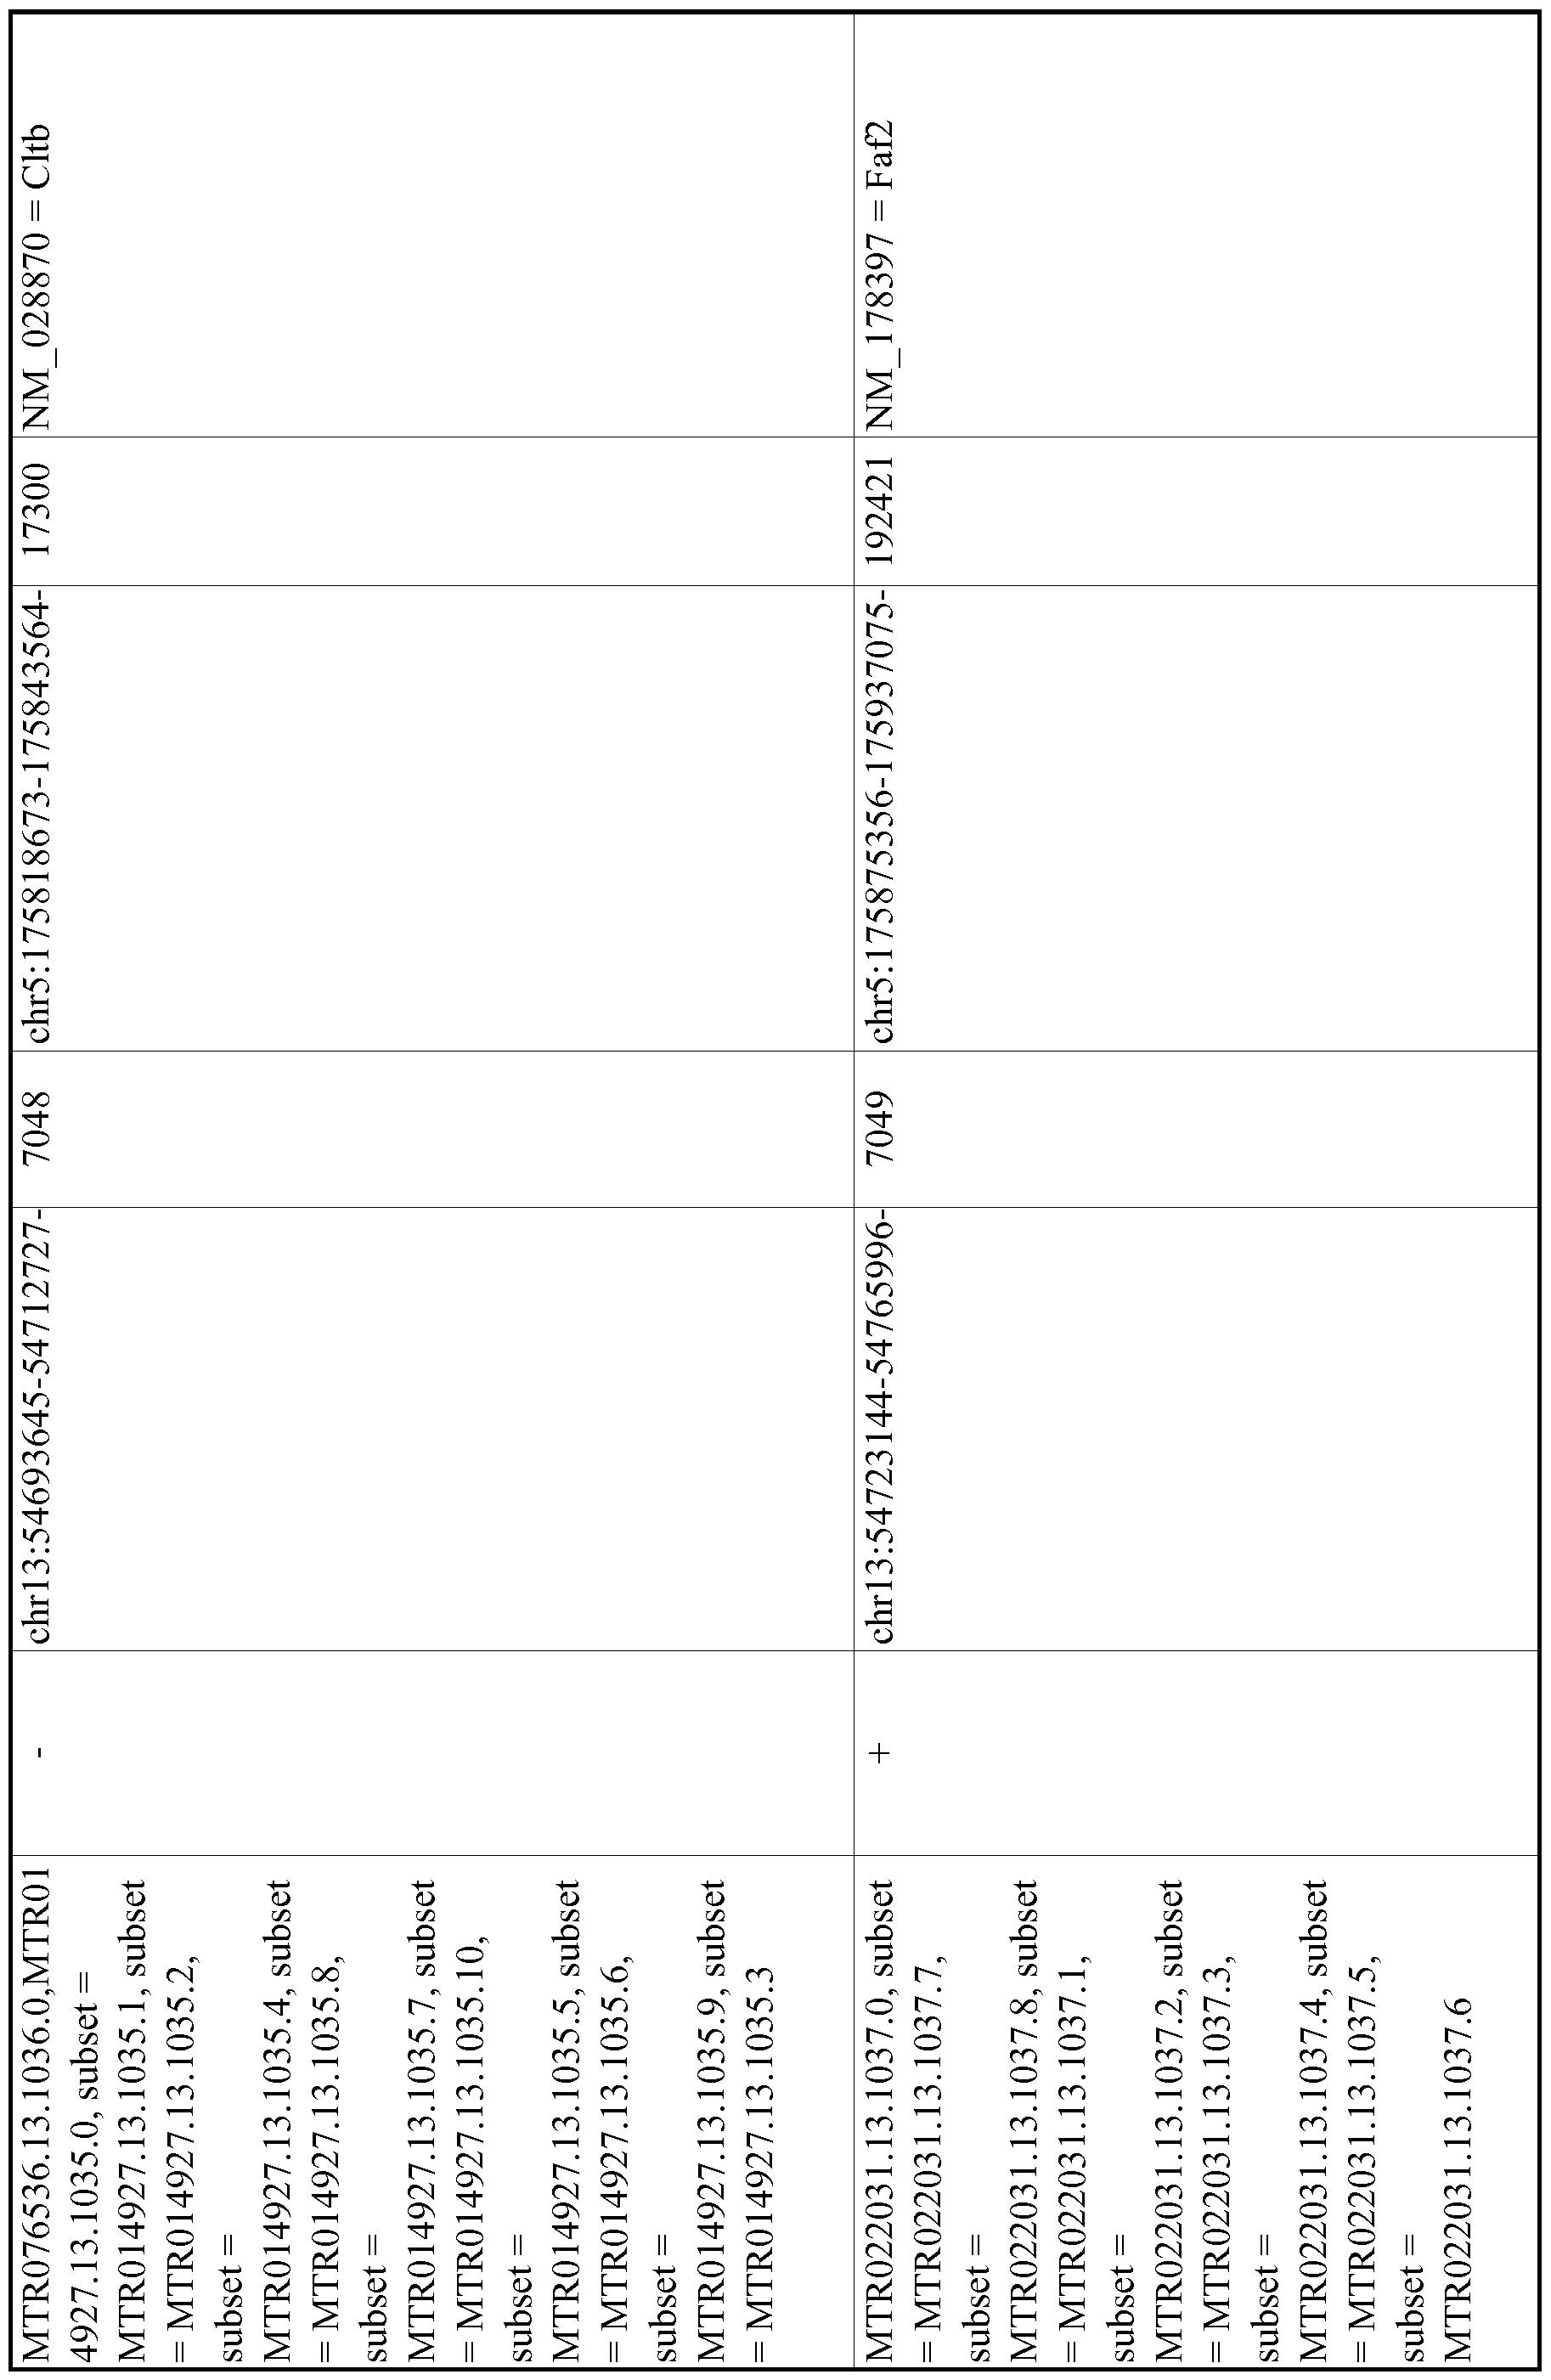 Figure imgf001240_0001